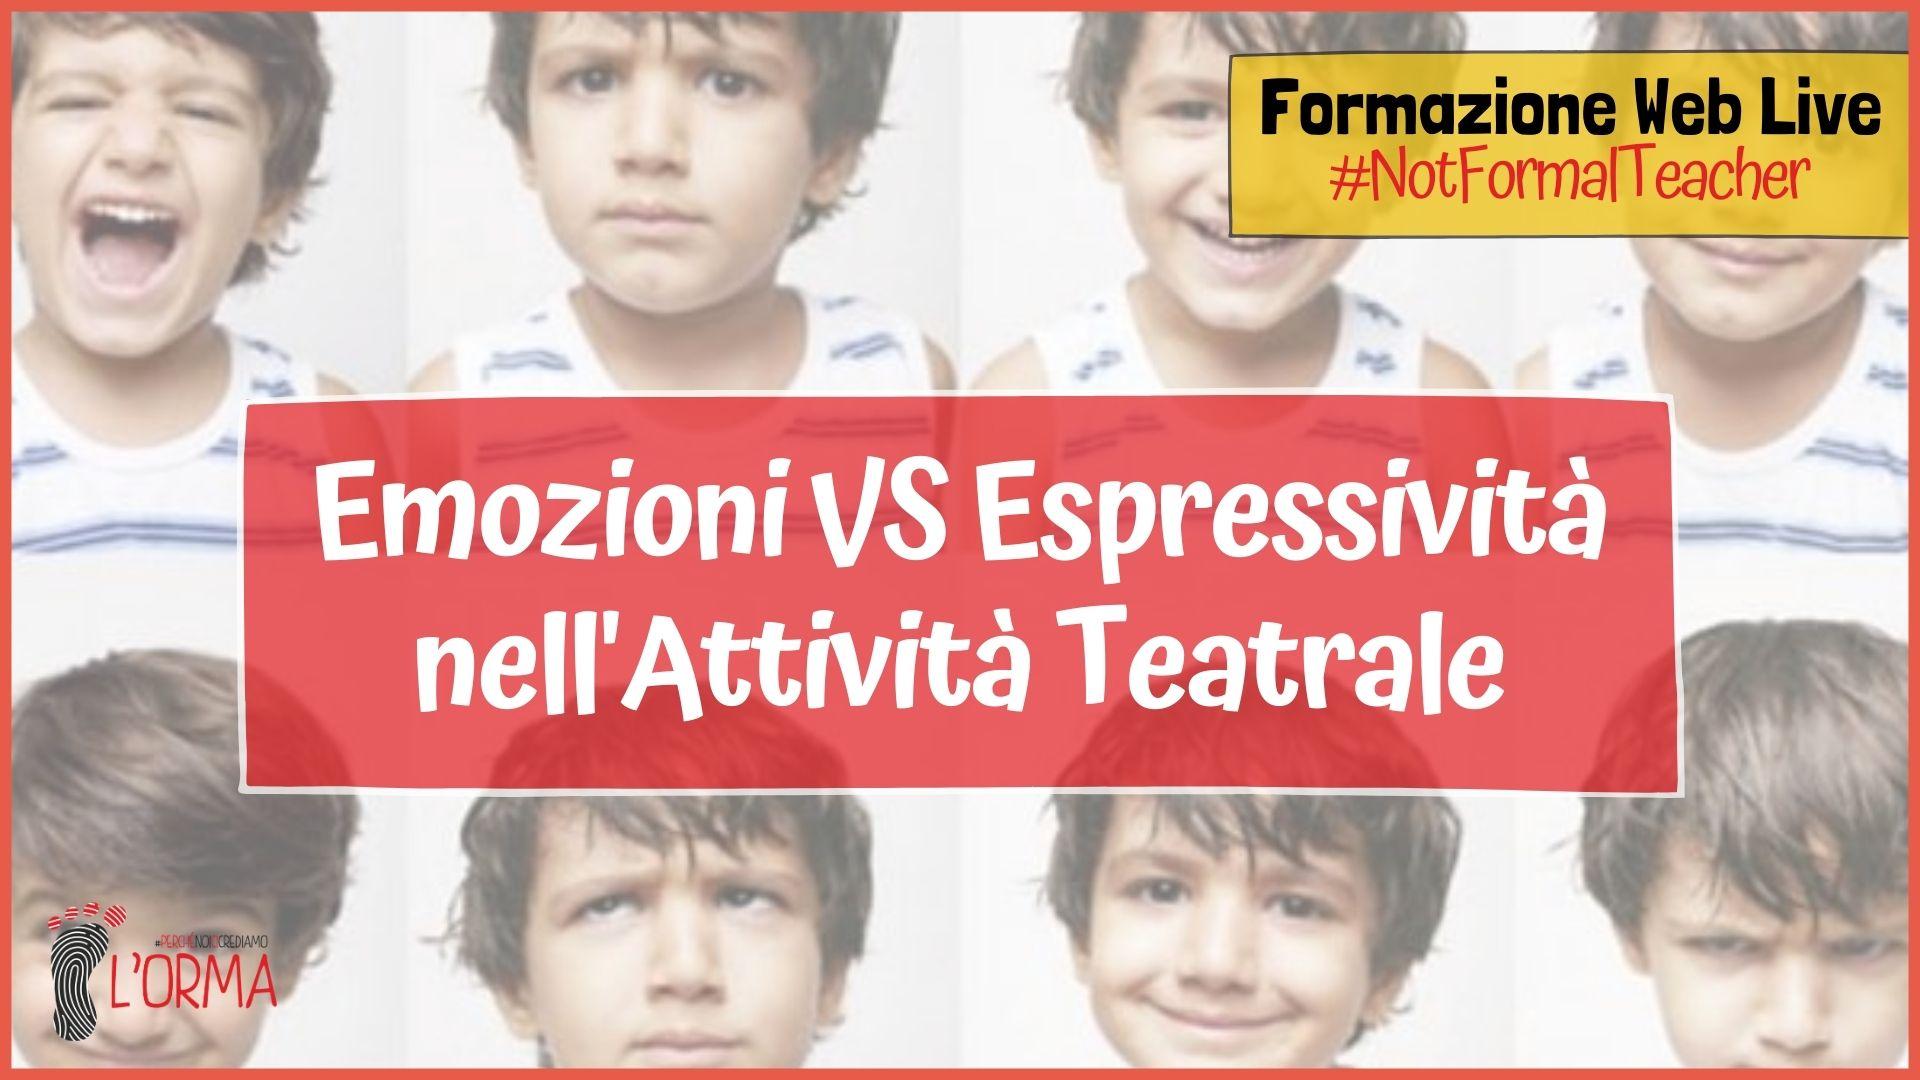 WebLive – Emozioni VS Espressività nell'attività teatrale